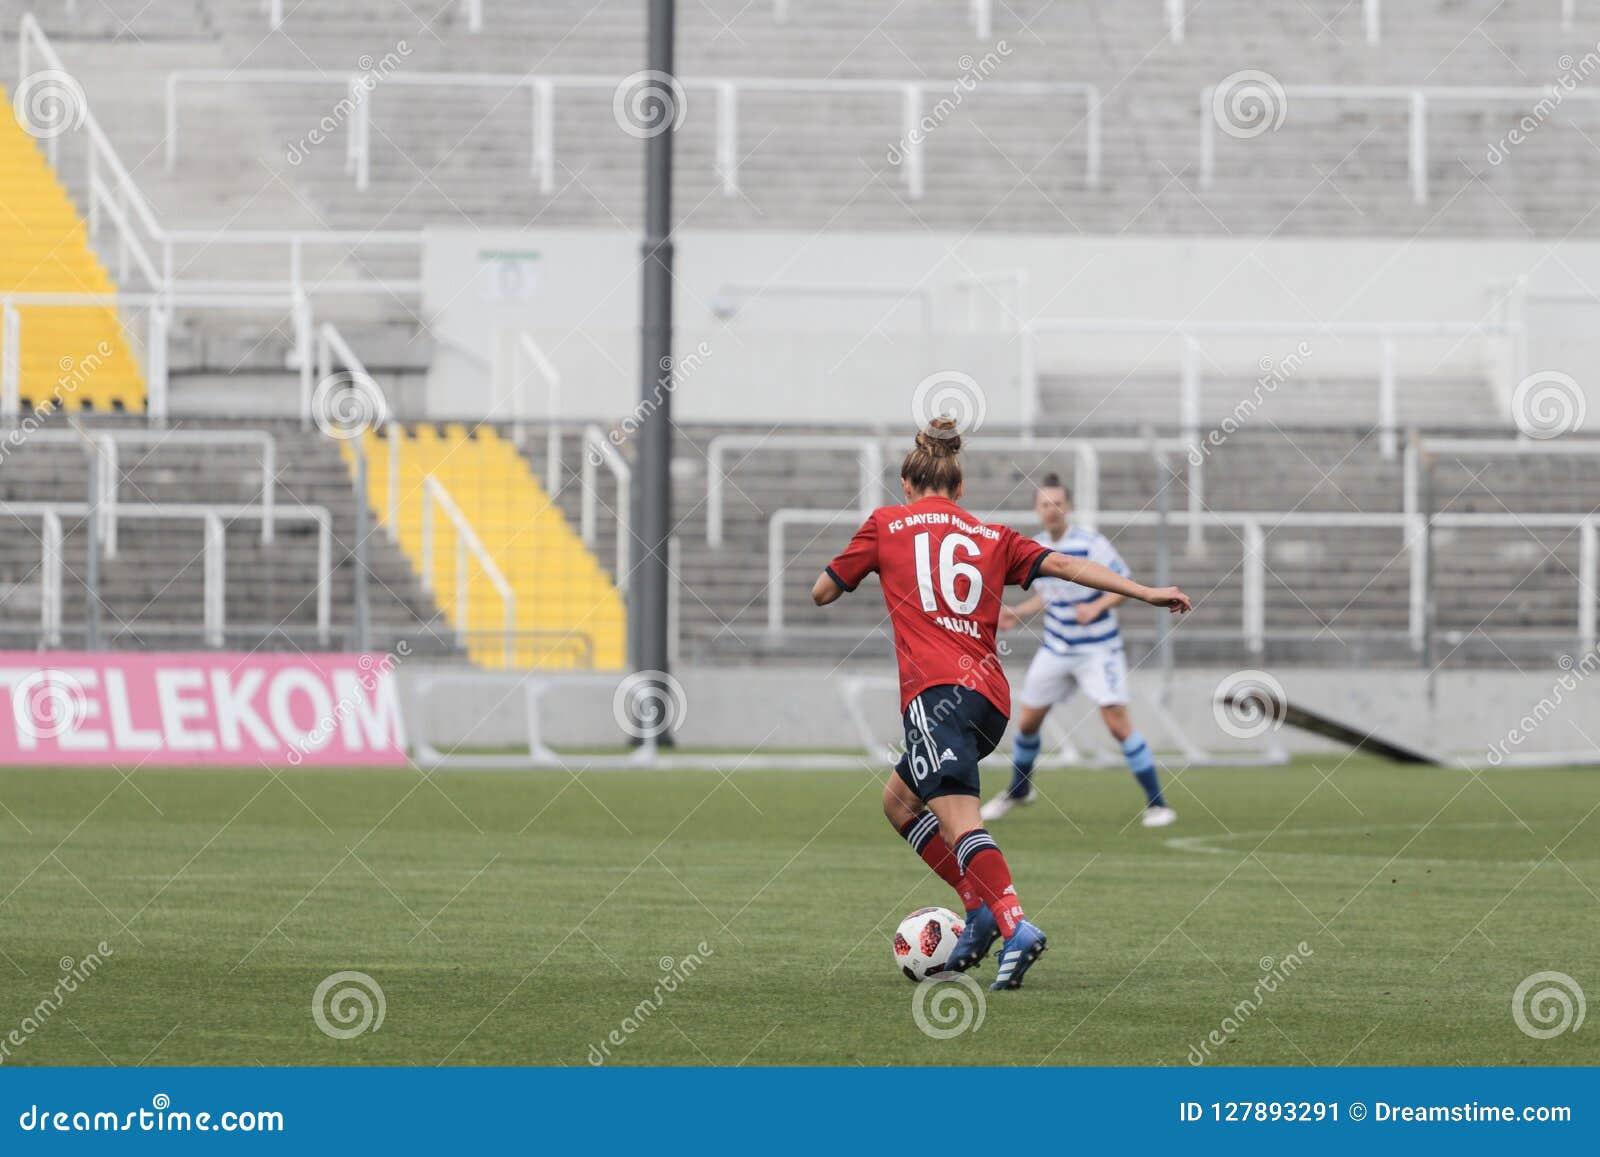 GER: MUJERES DE FC BAVIERA - MUJERES DEL MSV DUISBURG, 09 23 2018